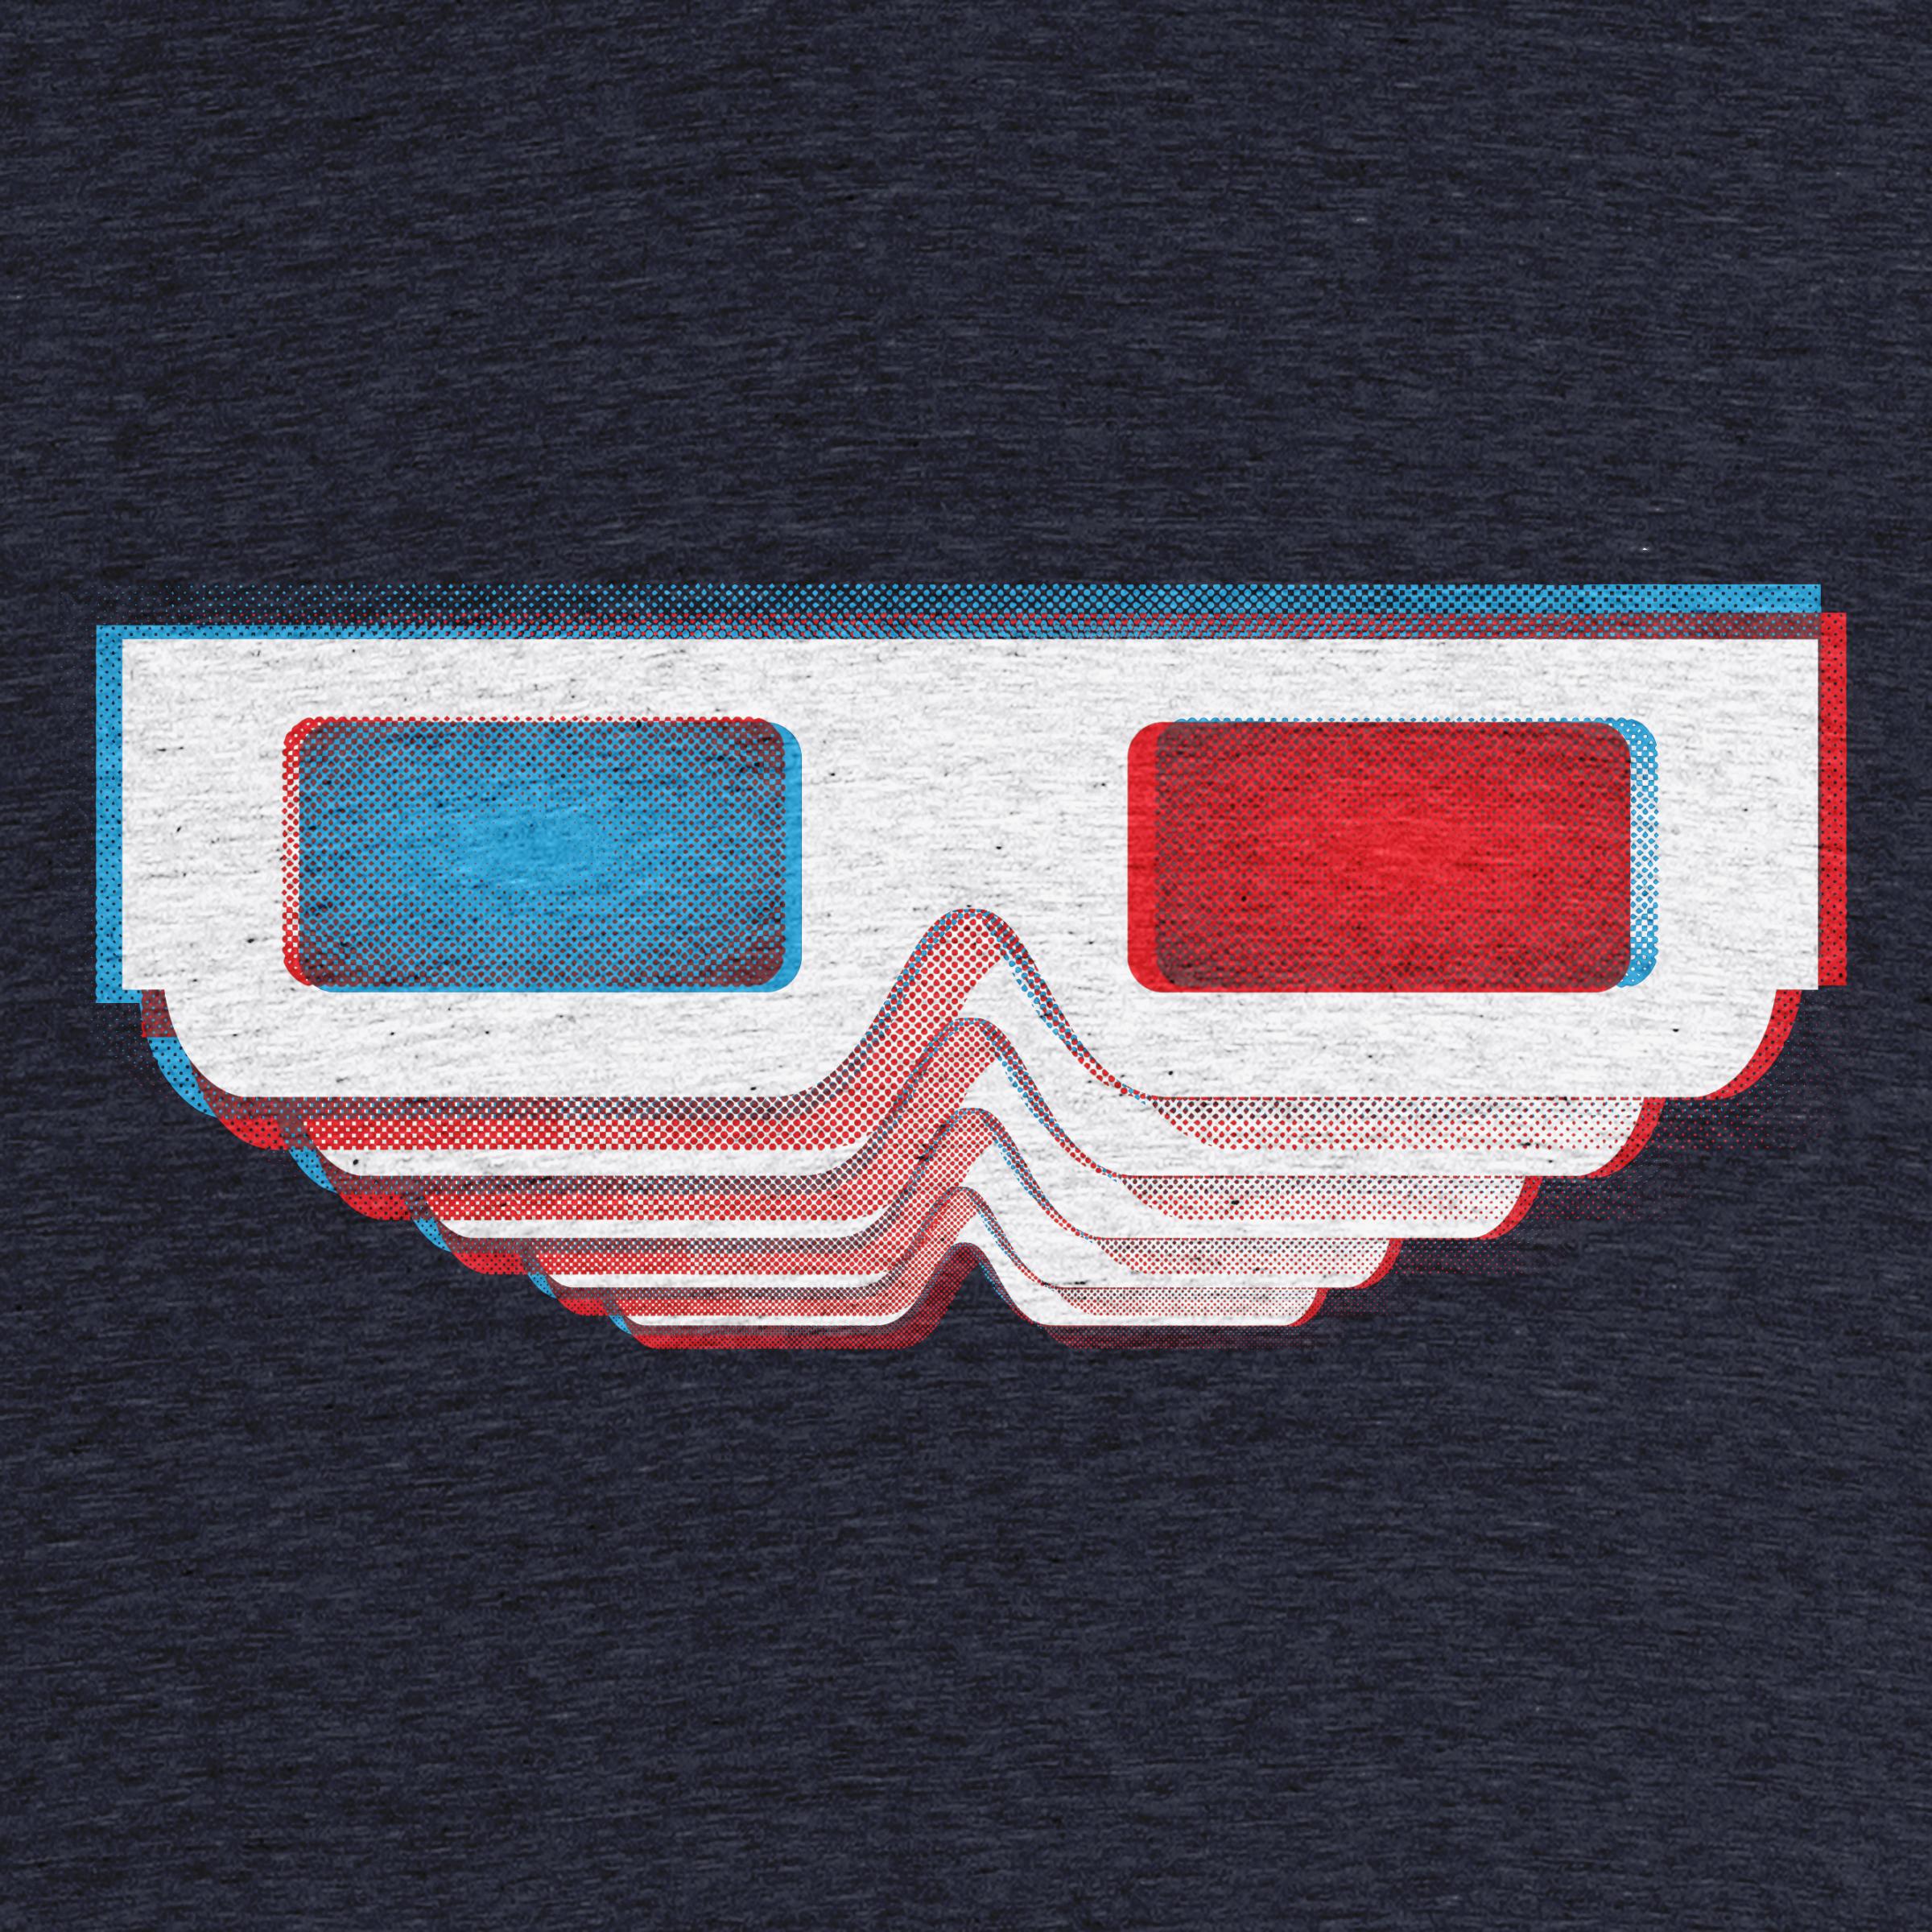 3D glasses in 3D